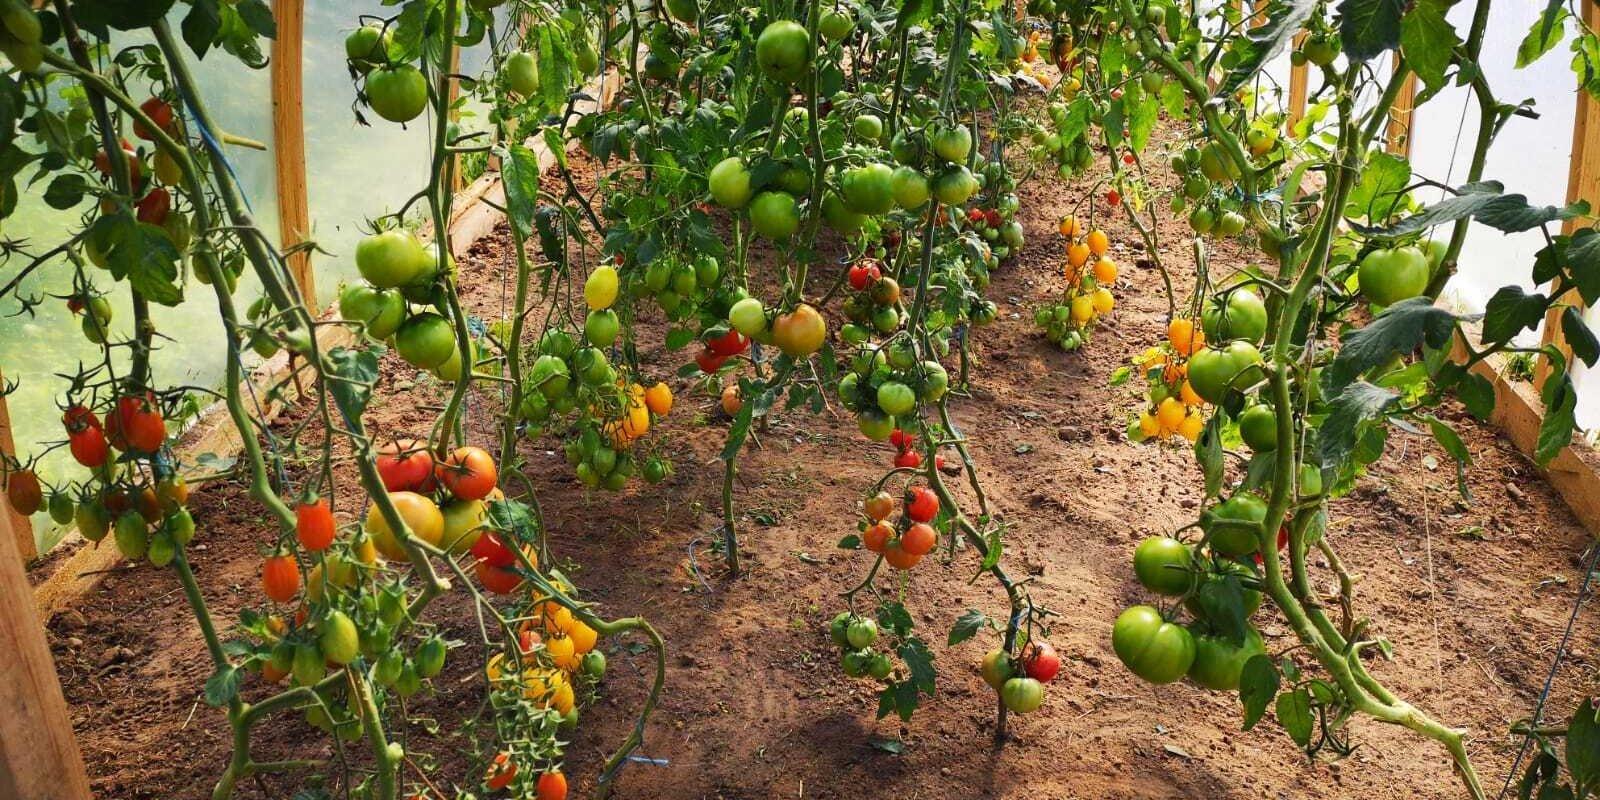 Vissulīgākie tomāti un kraukšķīgākie gurķi – kā siltumnīcā izaudzēt brangu ražu